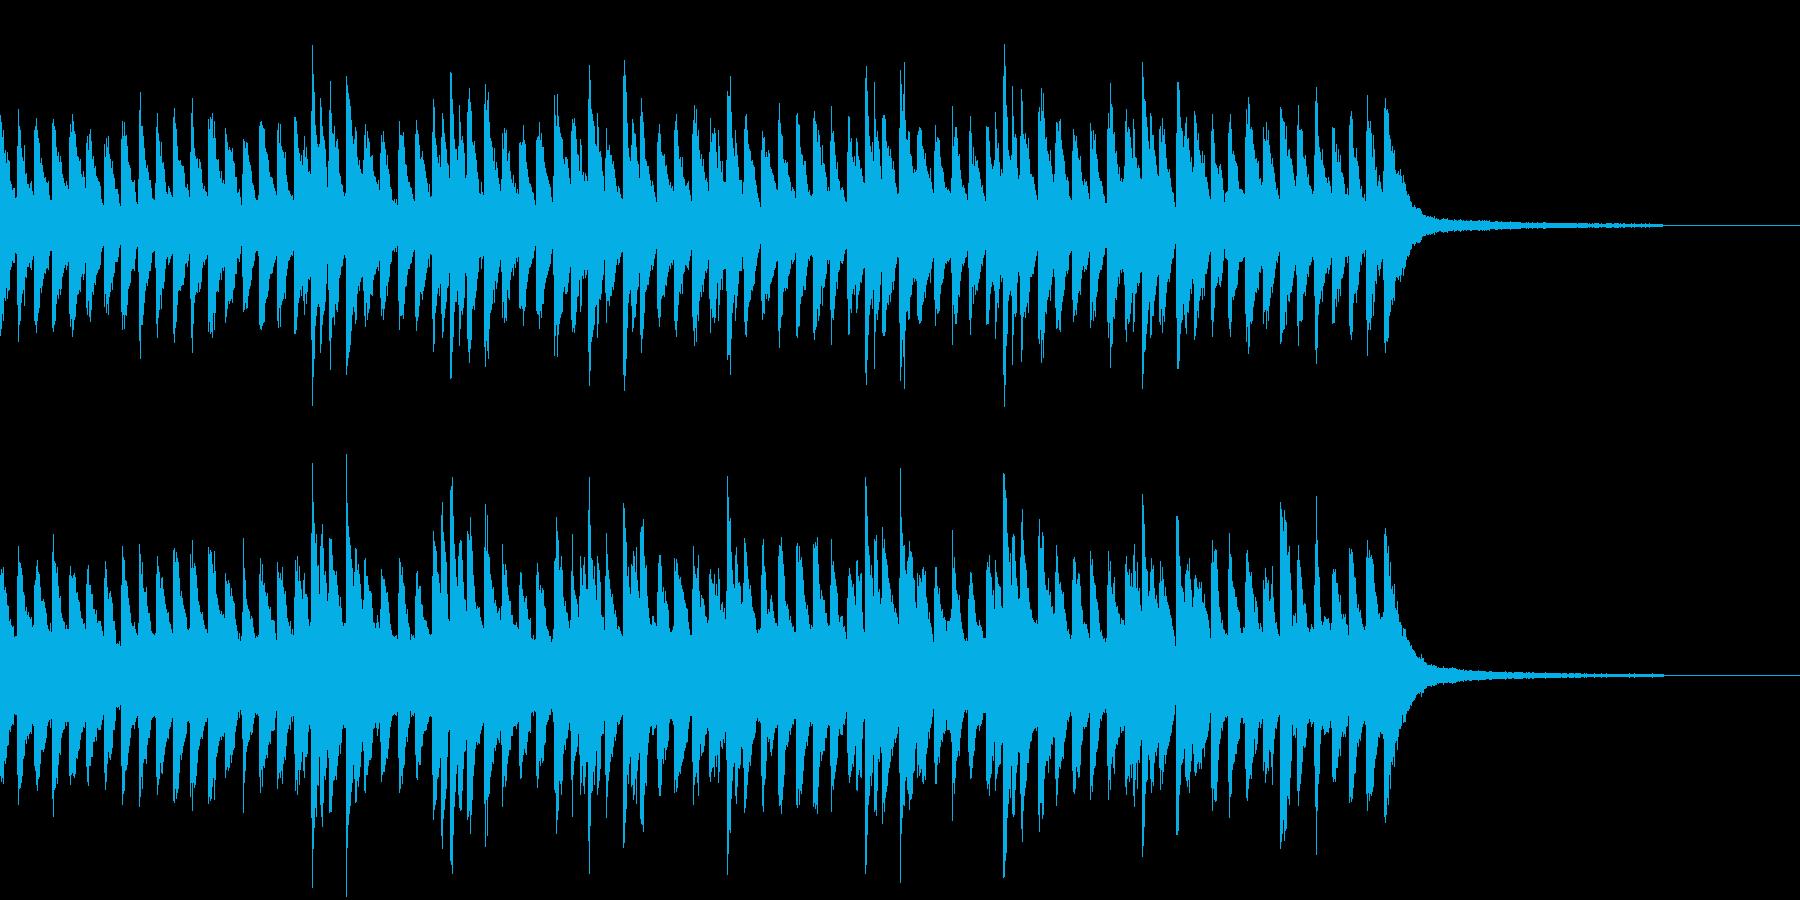 creo_leo_bgm10の再生済みの波形